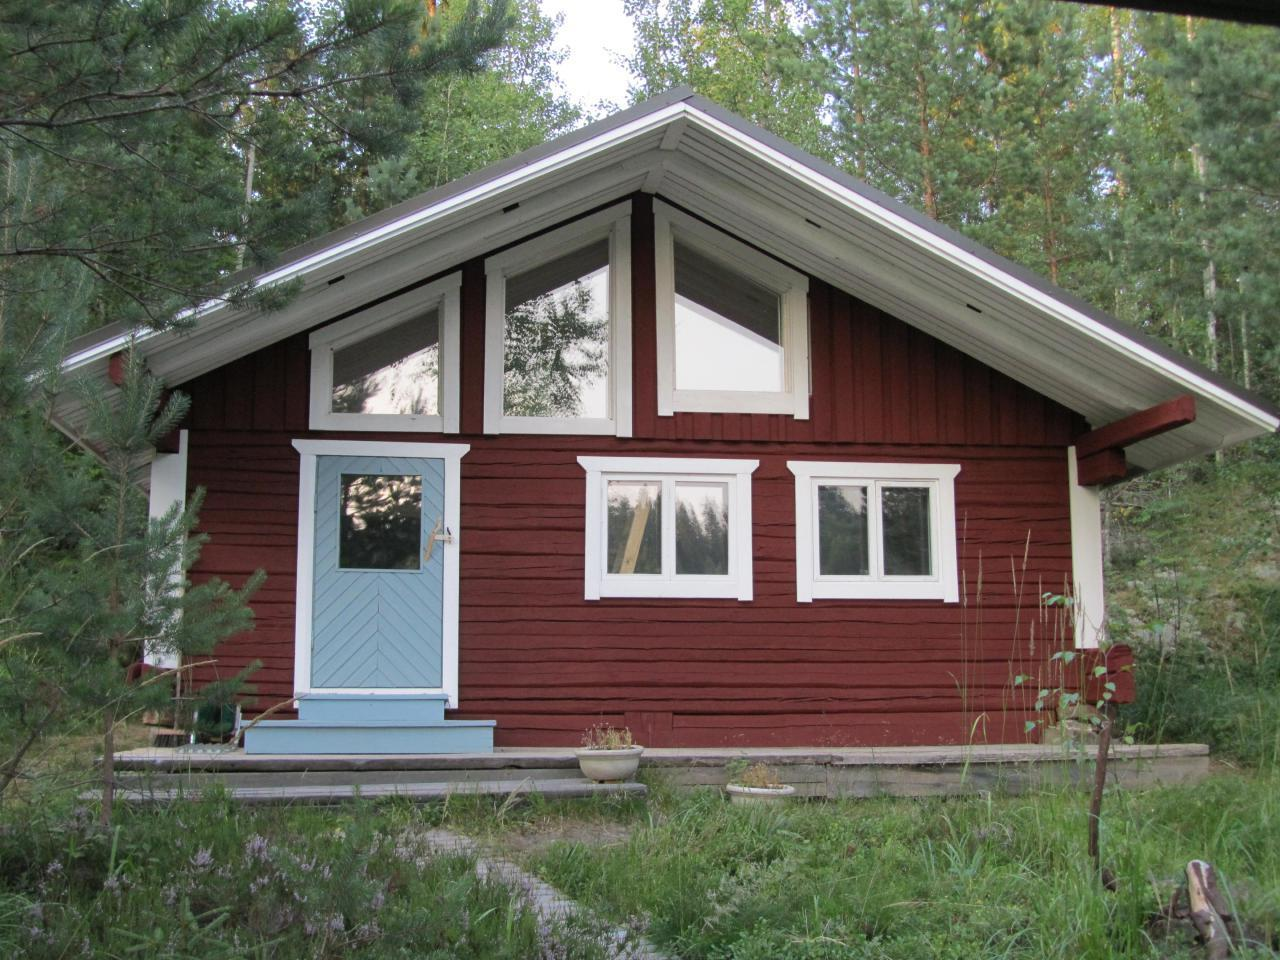 Ferienhaus Mökki Kuosmala (1757504), Kuosmala, , Ostfinnland, Finnland, Bild 2